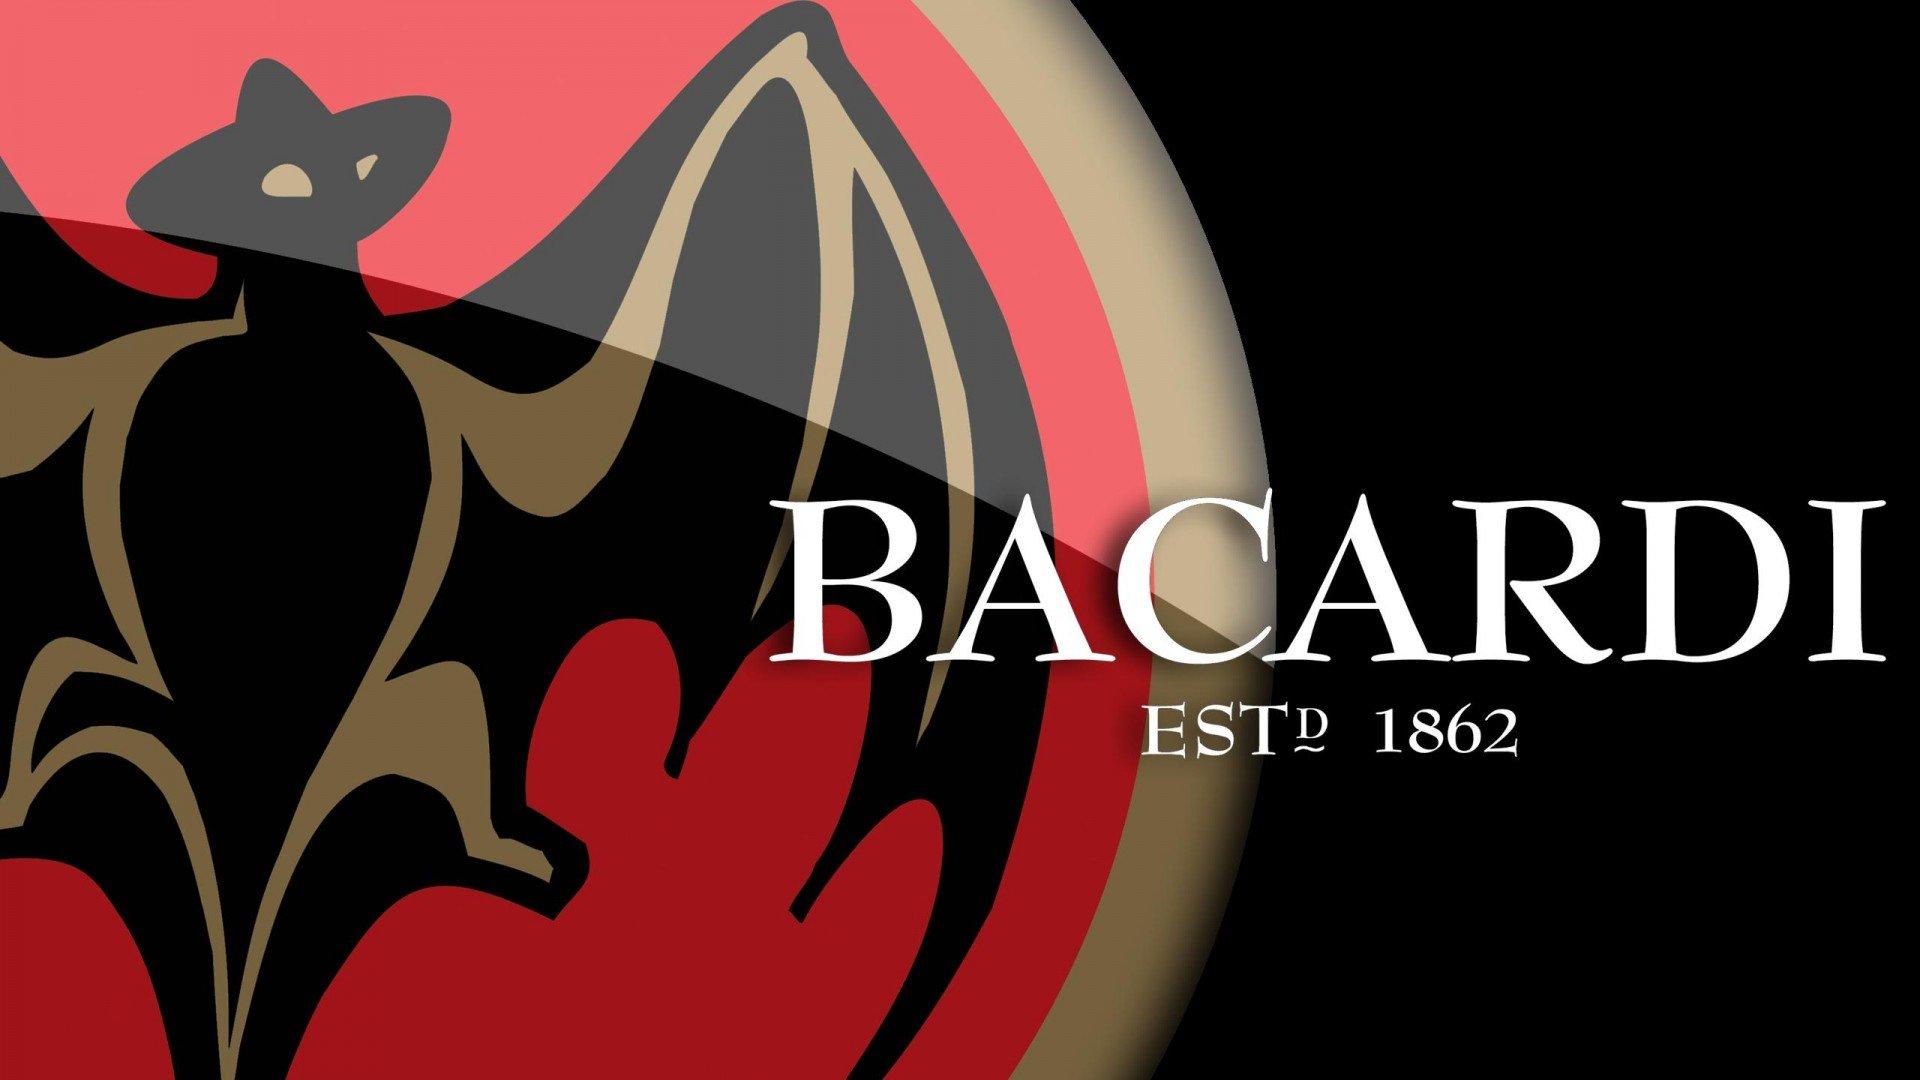 Bacardi Wallpapers 276R5S9 1920x1080 px   4USkY 1920x1080